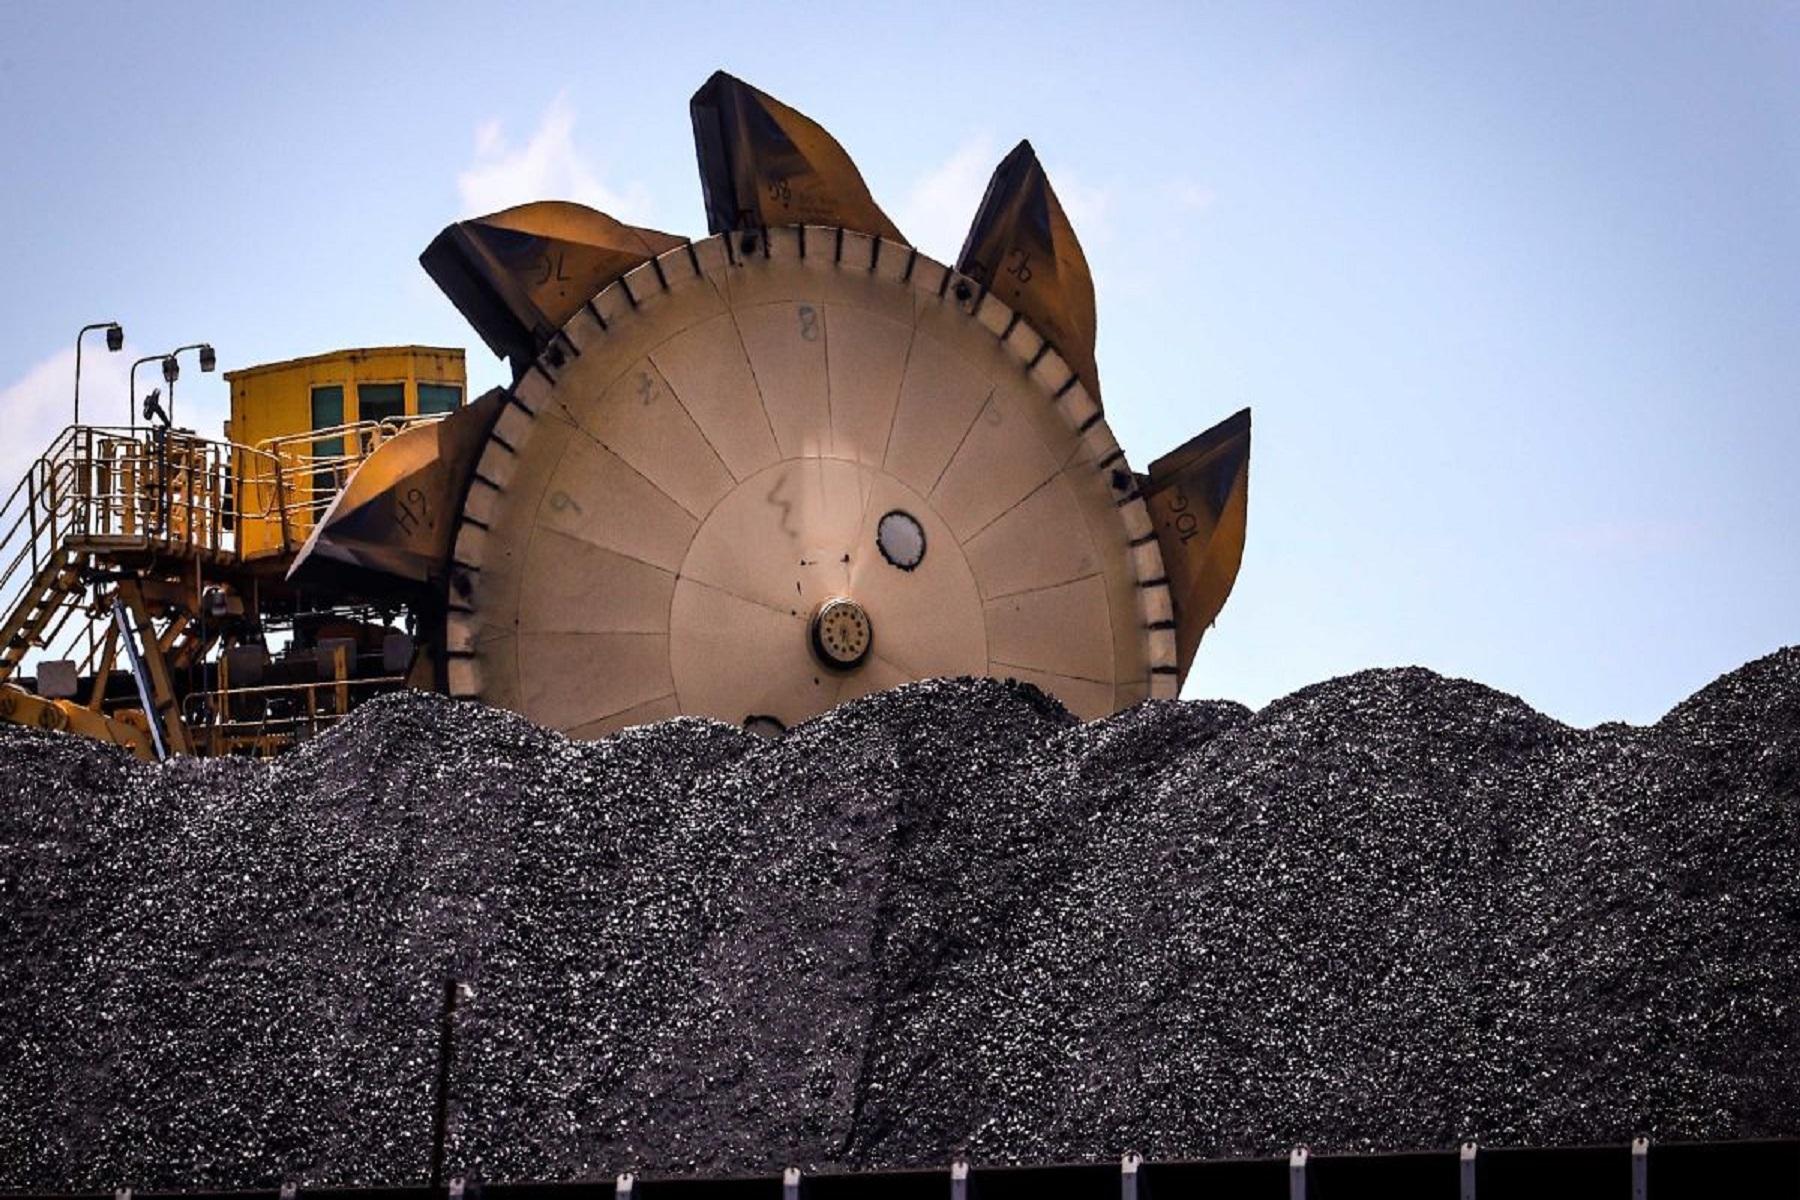 Προειδοποίηση ΟΗΕ: Η Αυστραλία λέει ότι ο άνθρακας θα παραμείνει μέρος της οικονομίας της πολύ περισσότερο από το 2030